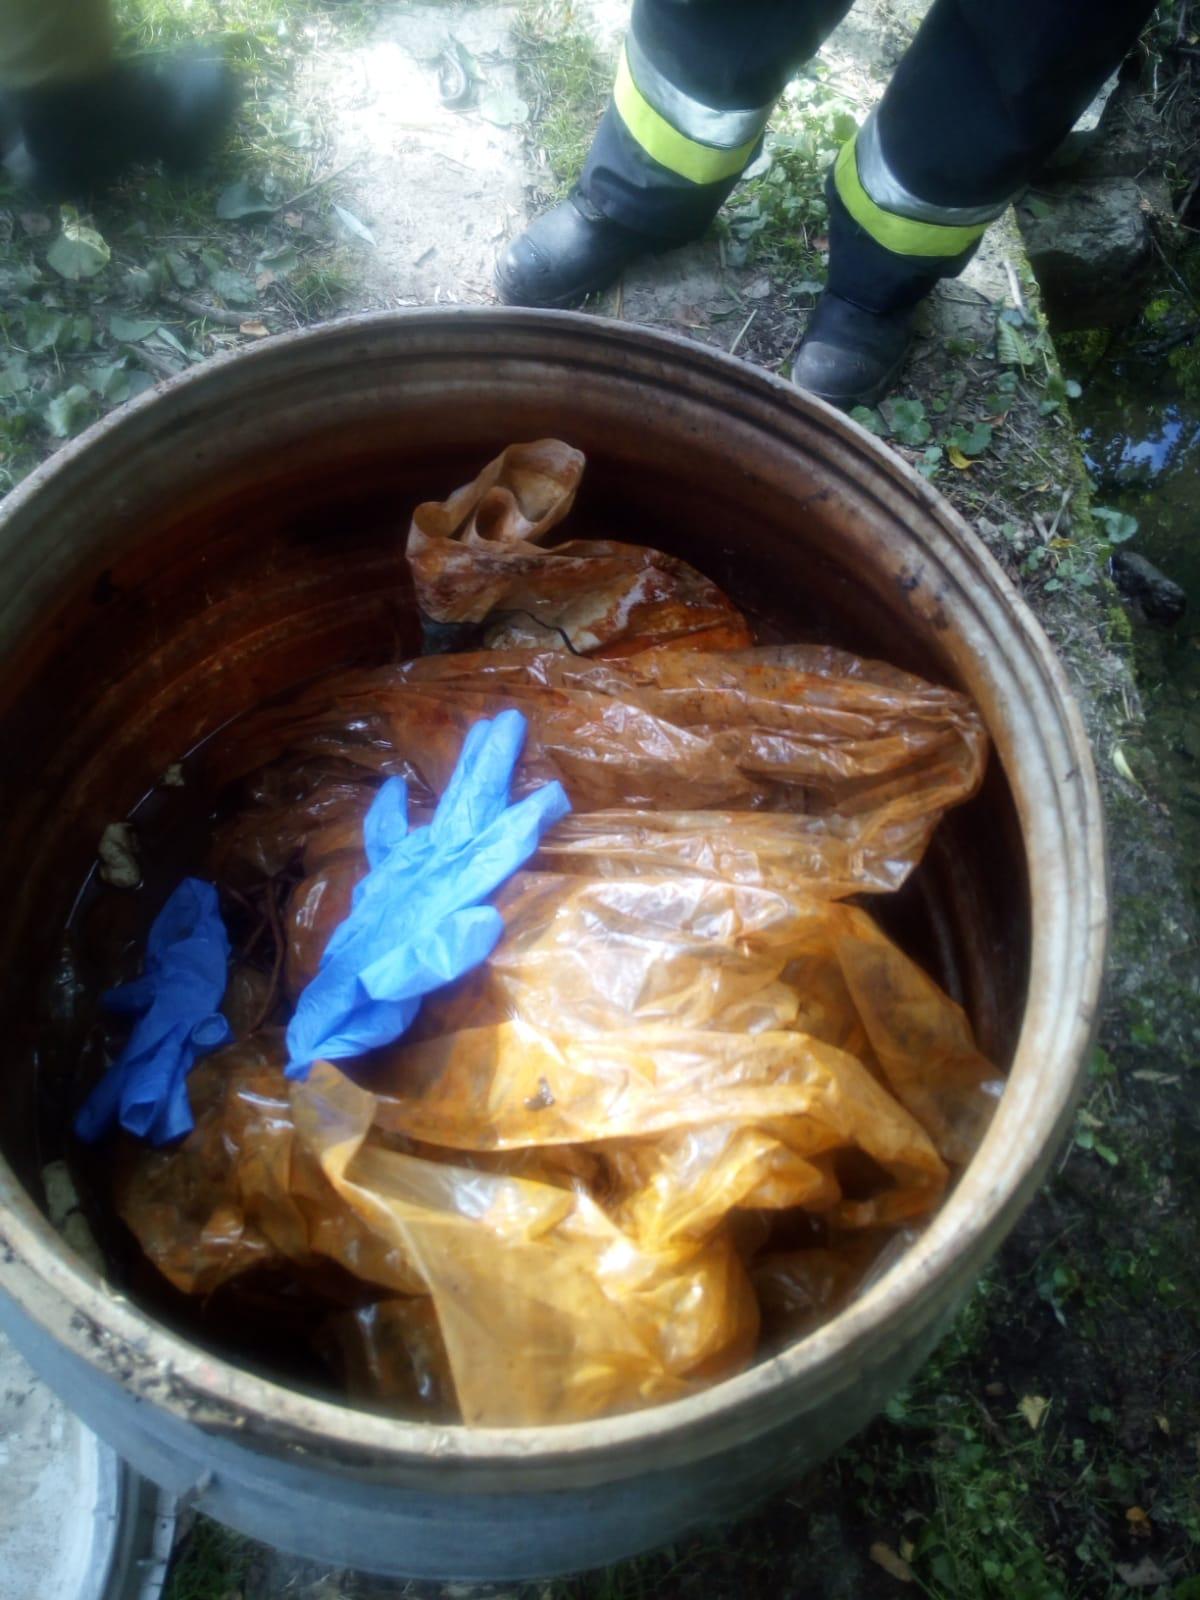 Beczka z odpadami w cieku wodnym